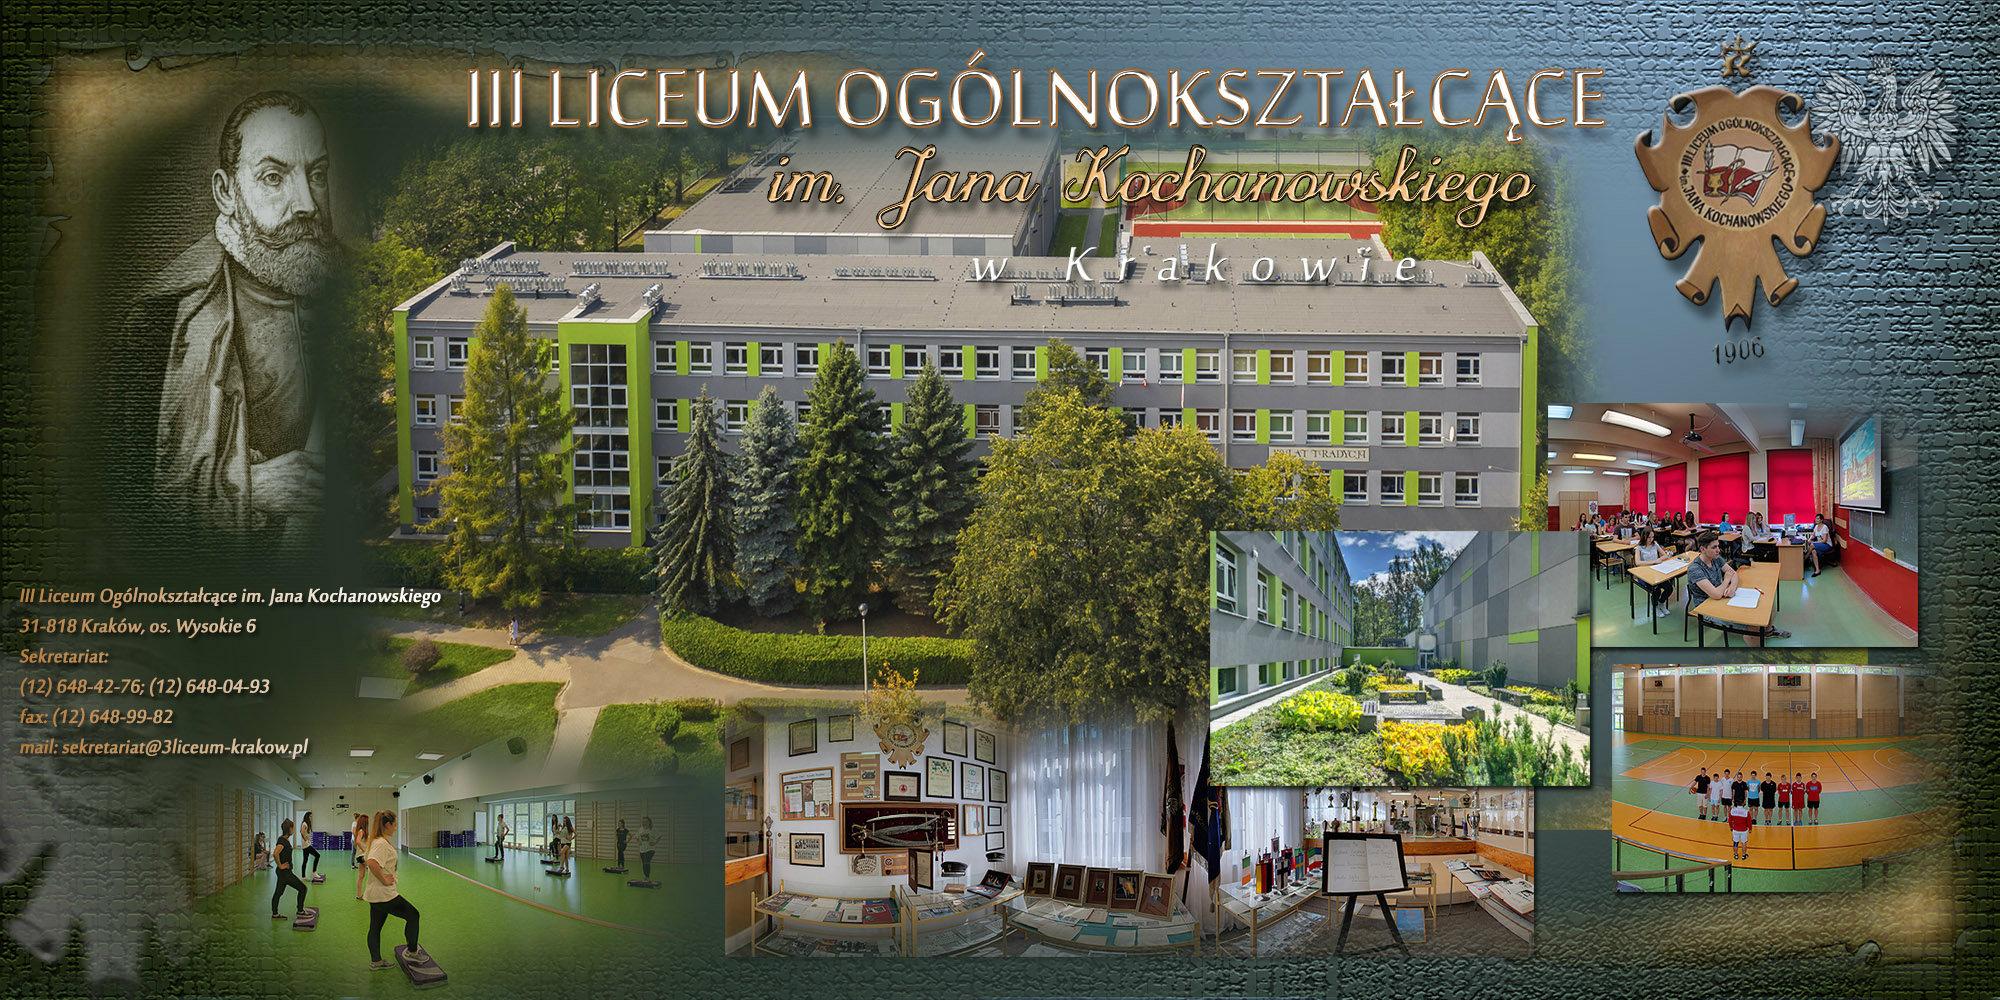 III Liceum Ogólnokształcące w Krakowie - os. Wysokie | Prezentacja  panoramiczna - wkraj.pl